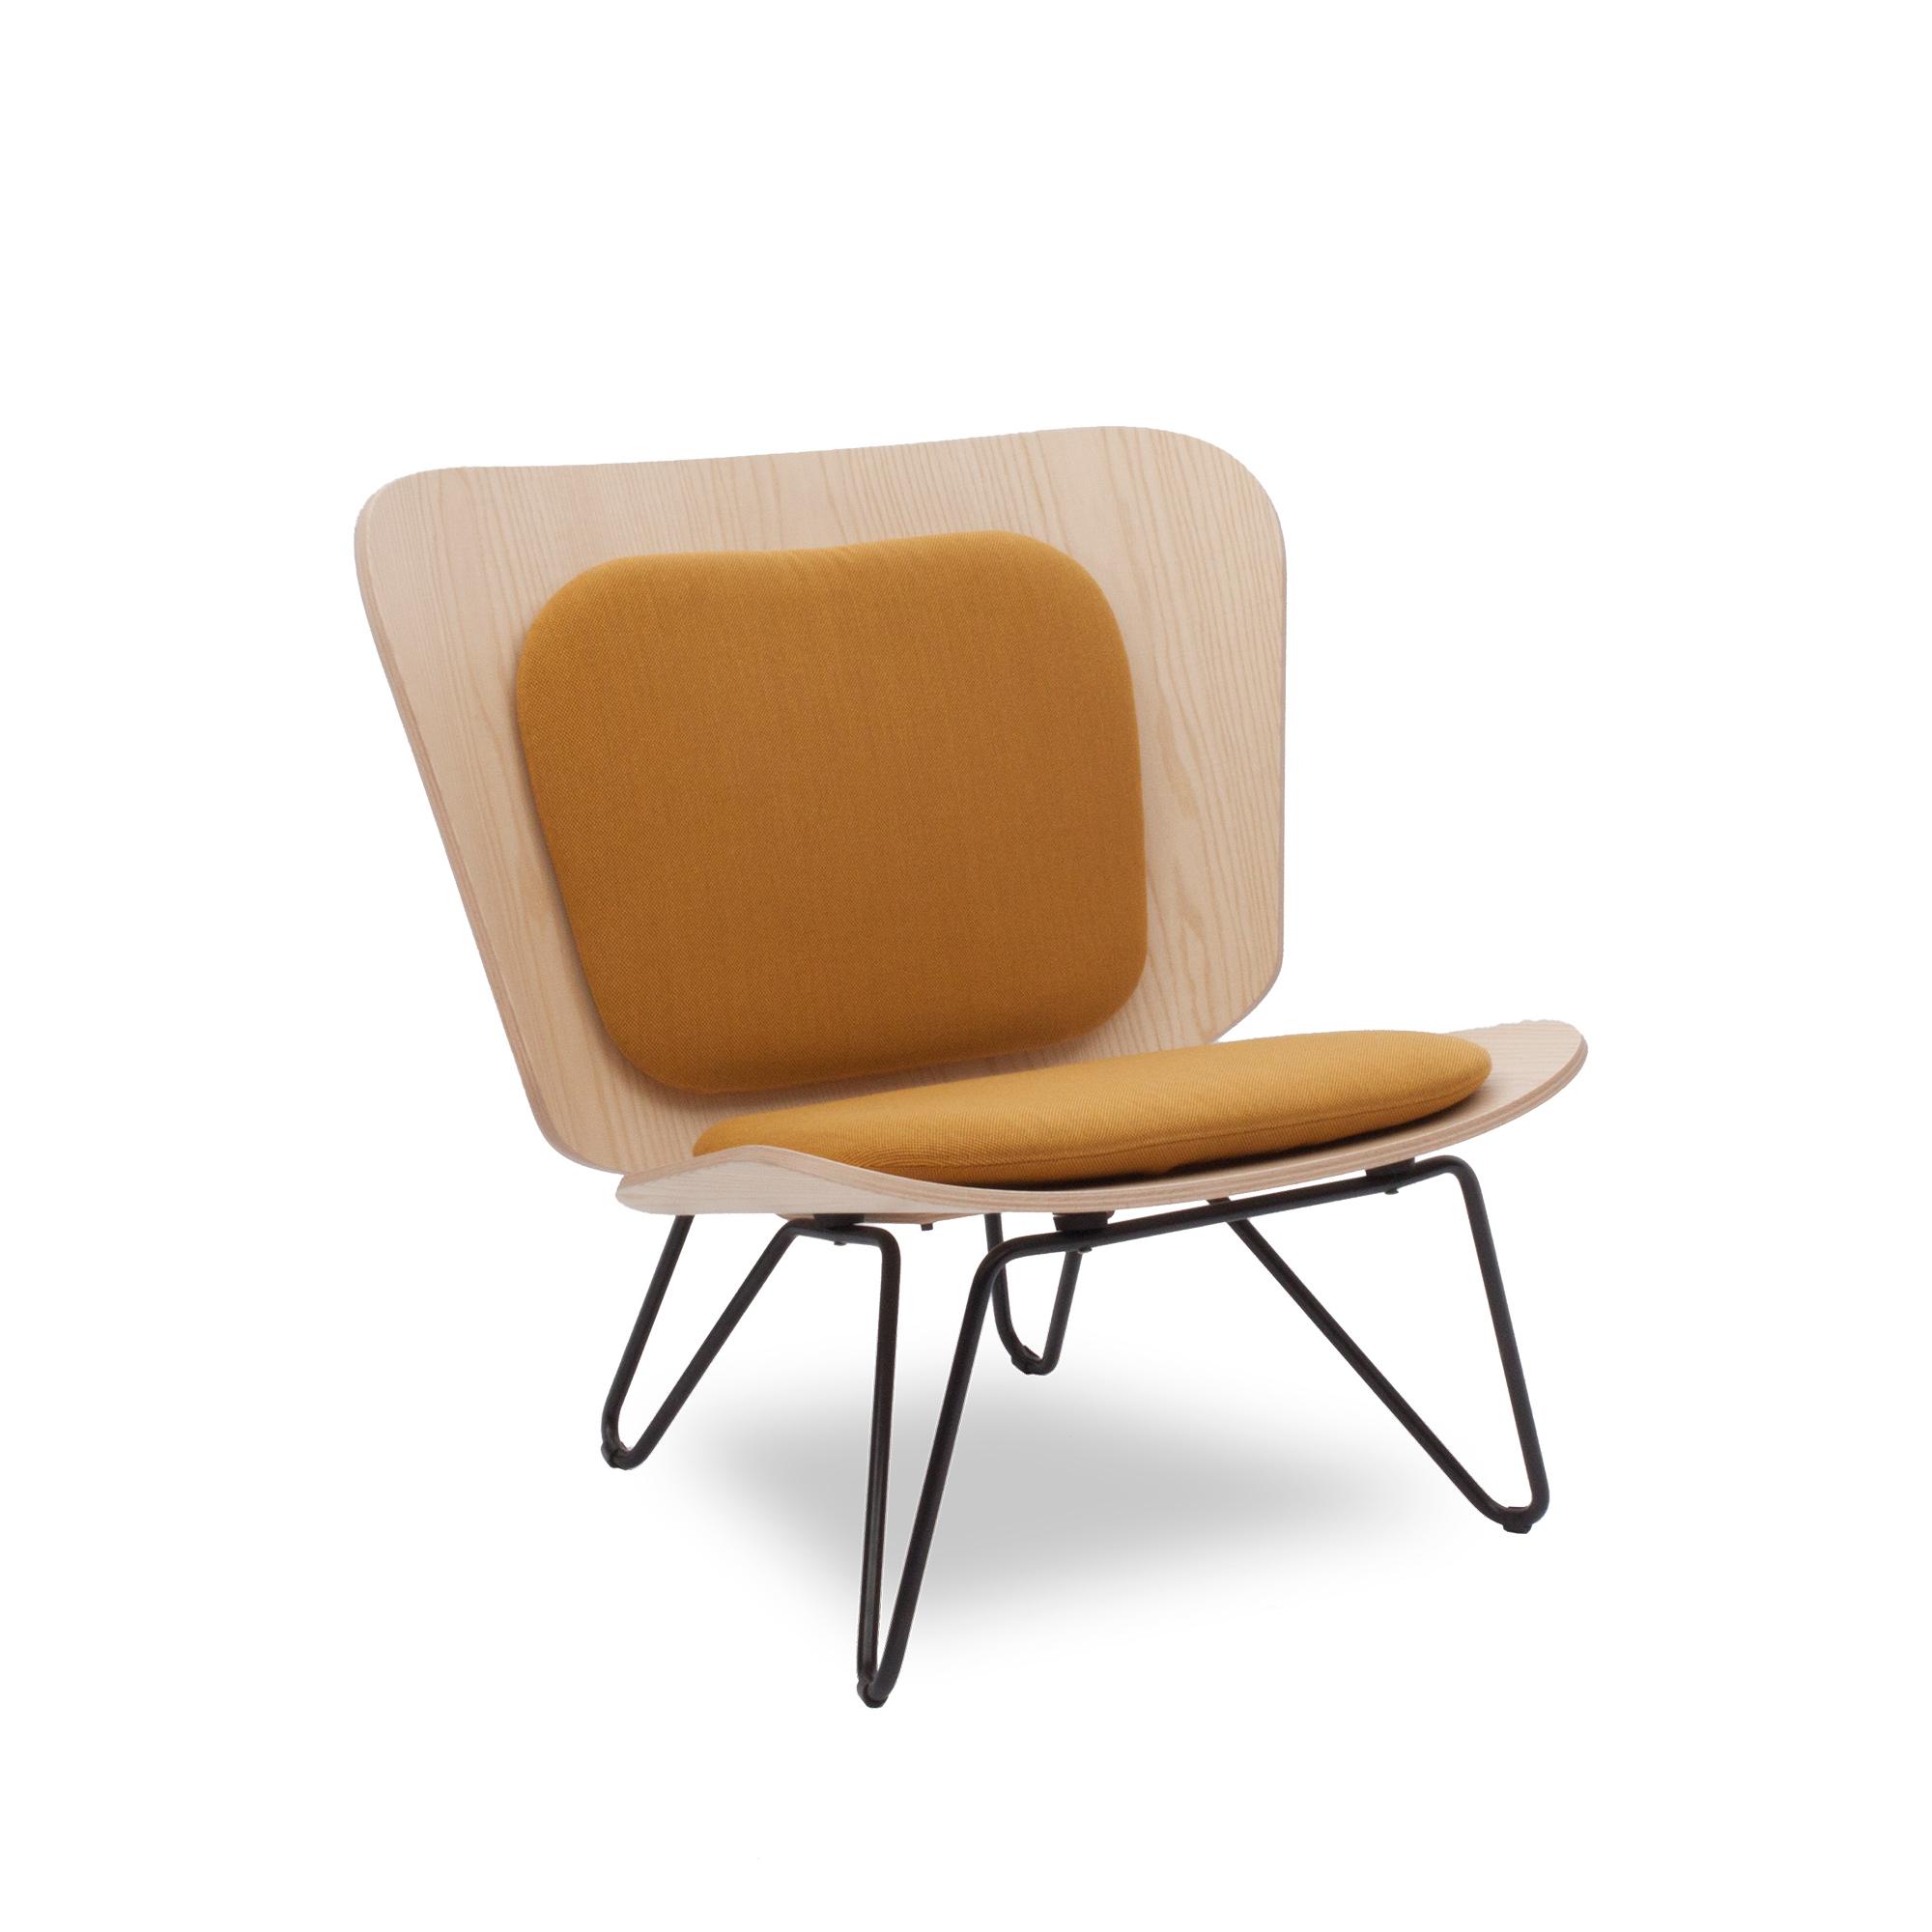 Lenz Sessel aus Eschefurnier und senfgelbem Polster